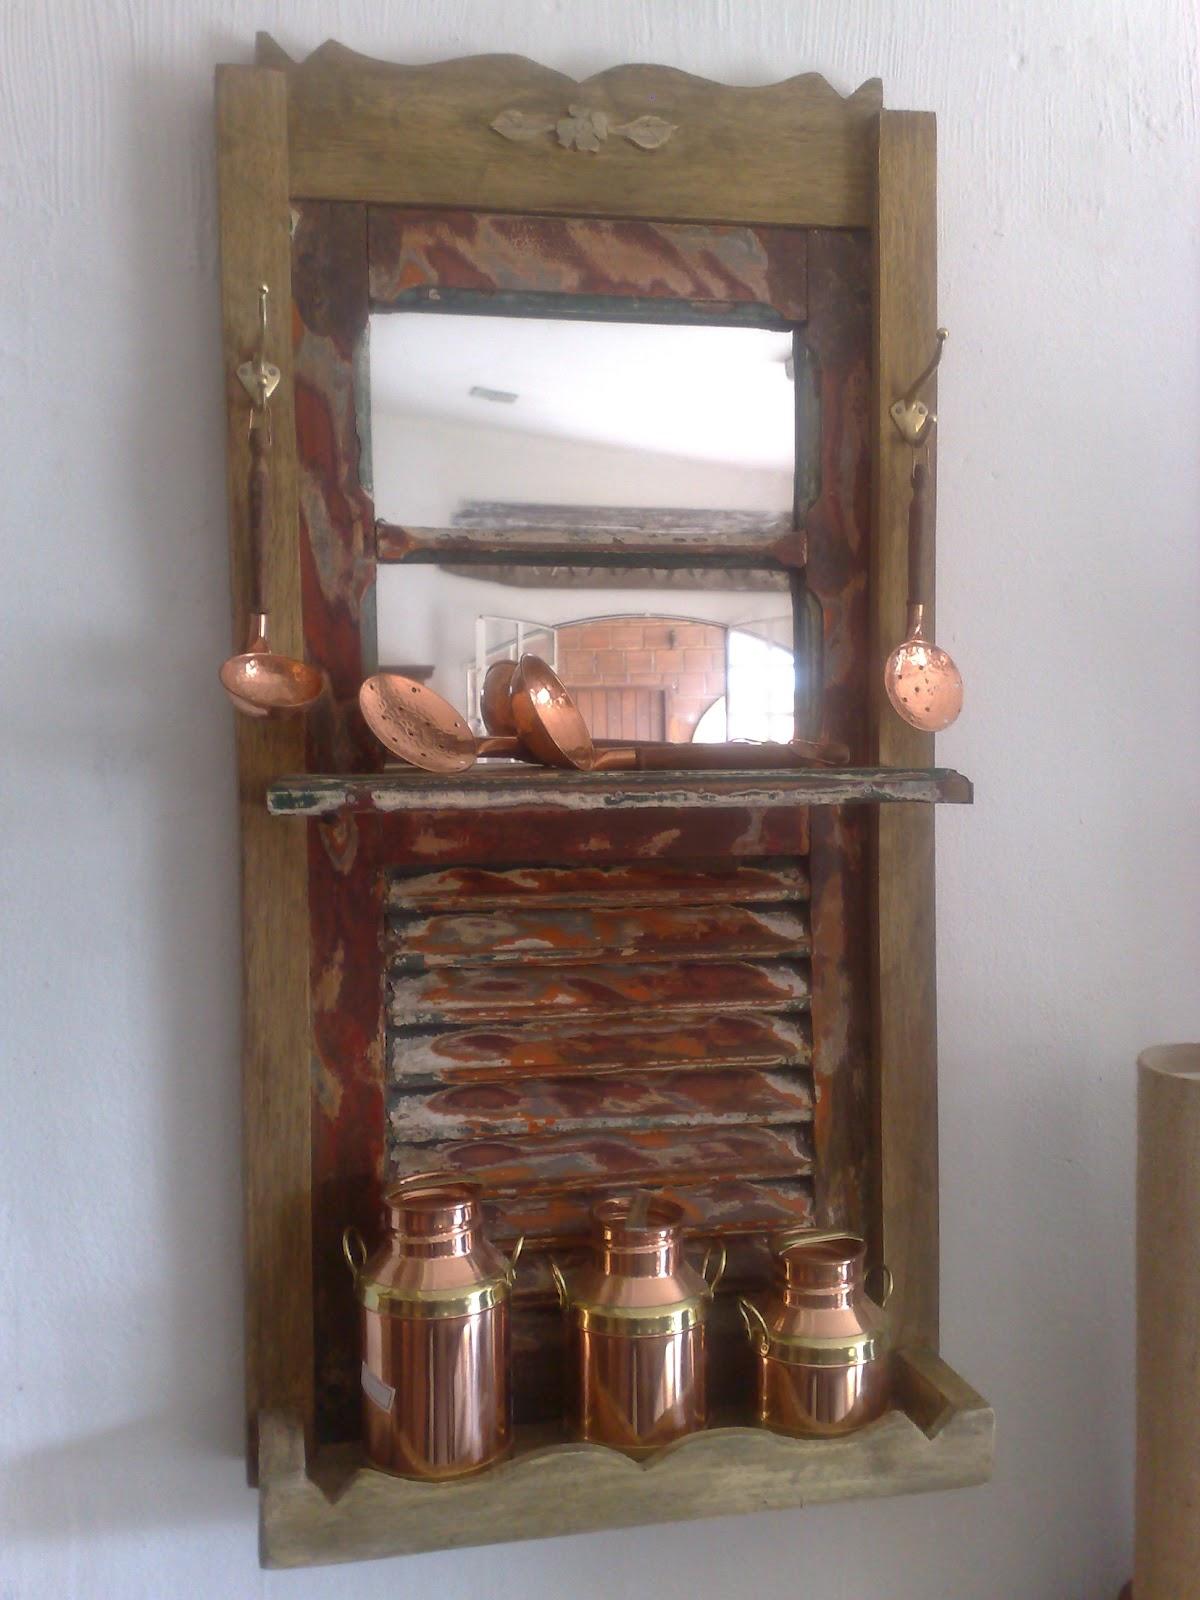 #8E593D Mariart Móveis em Madeira de Demolição.: Janelas Decorativas 580 Janelas Em Madeira De Lei